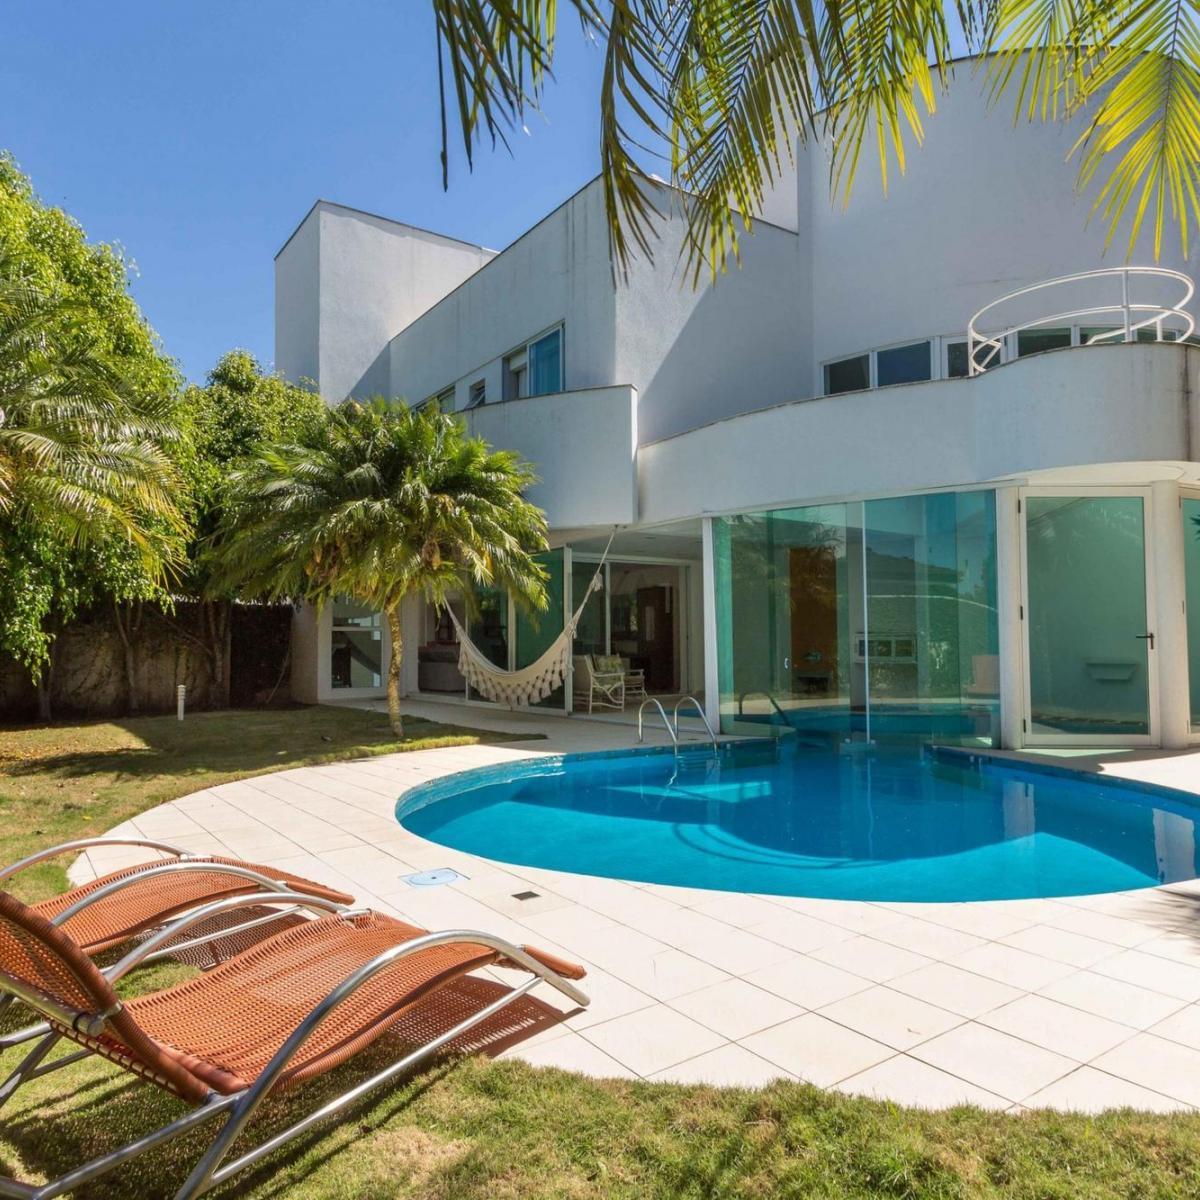 http://www.infocenterhost2.com.br/crm/fotosimovel/351621/93885741-casa-em-condominio-curitiba-campo-comprido.jpg